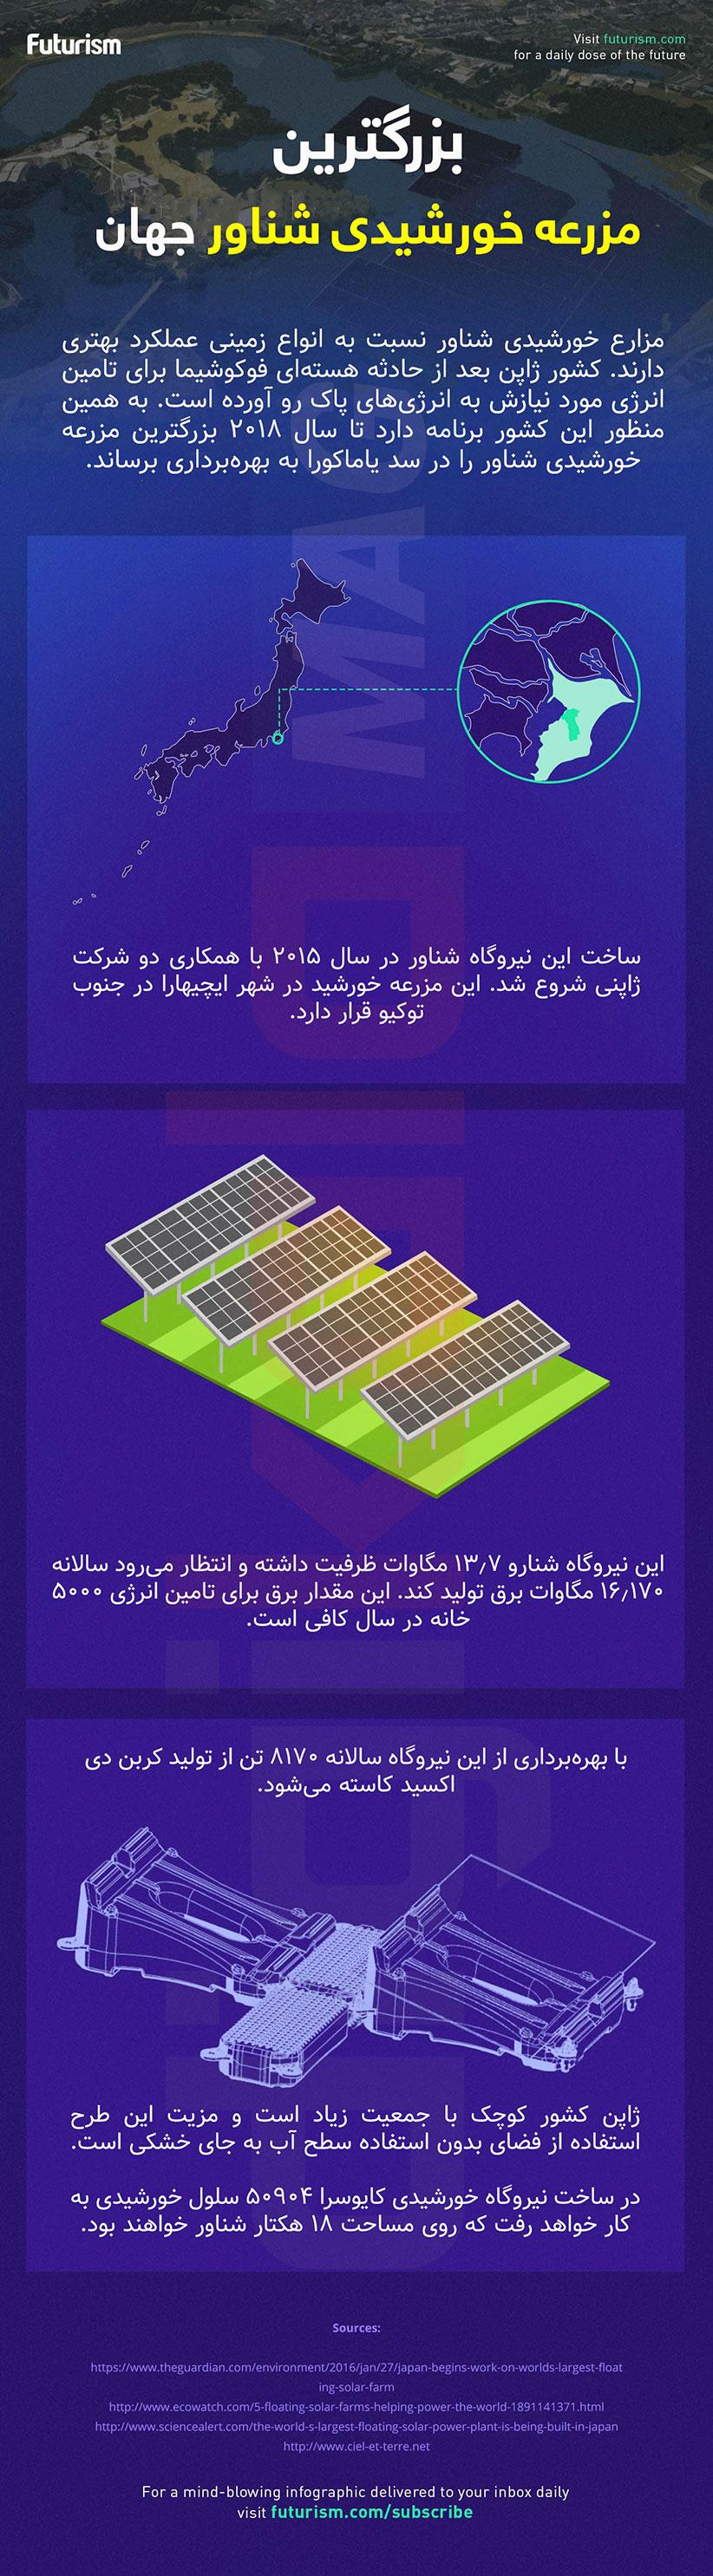 بزرگترین مزرعه خورشیدی شناور جهان